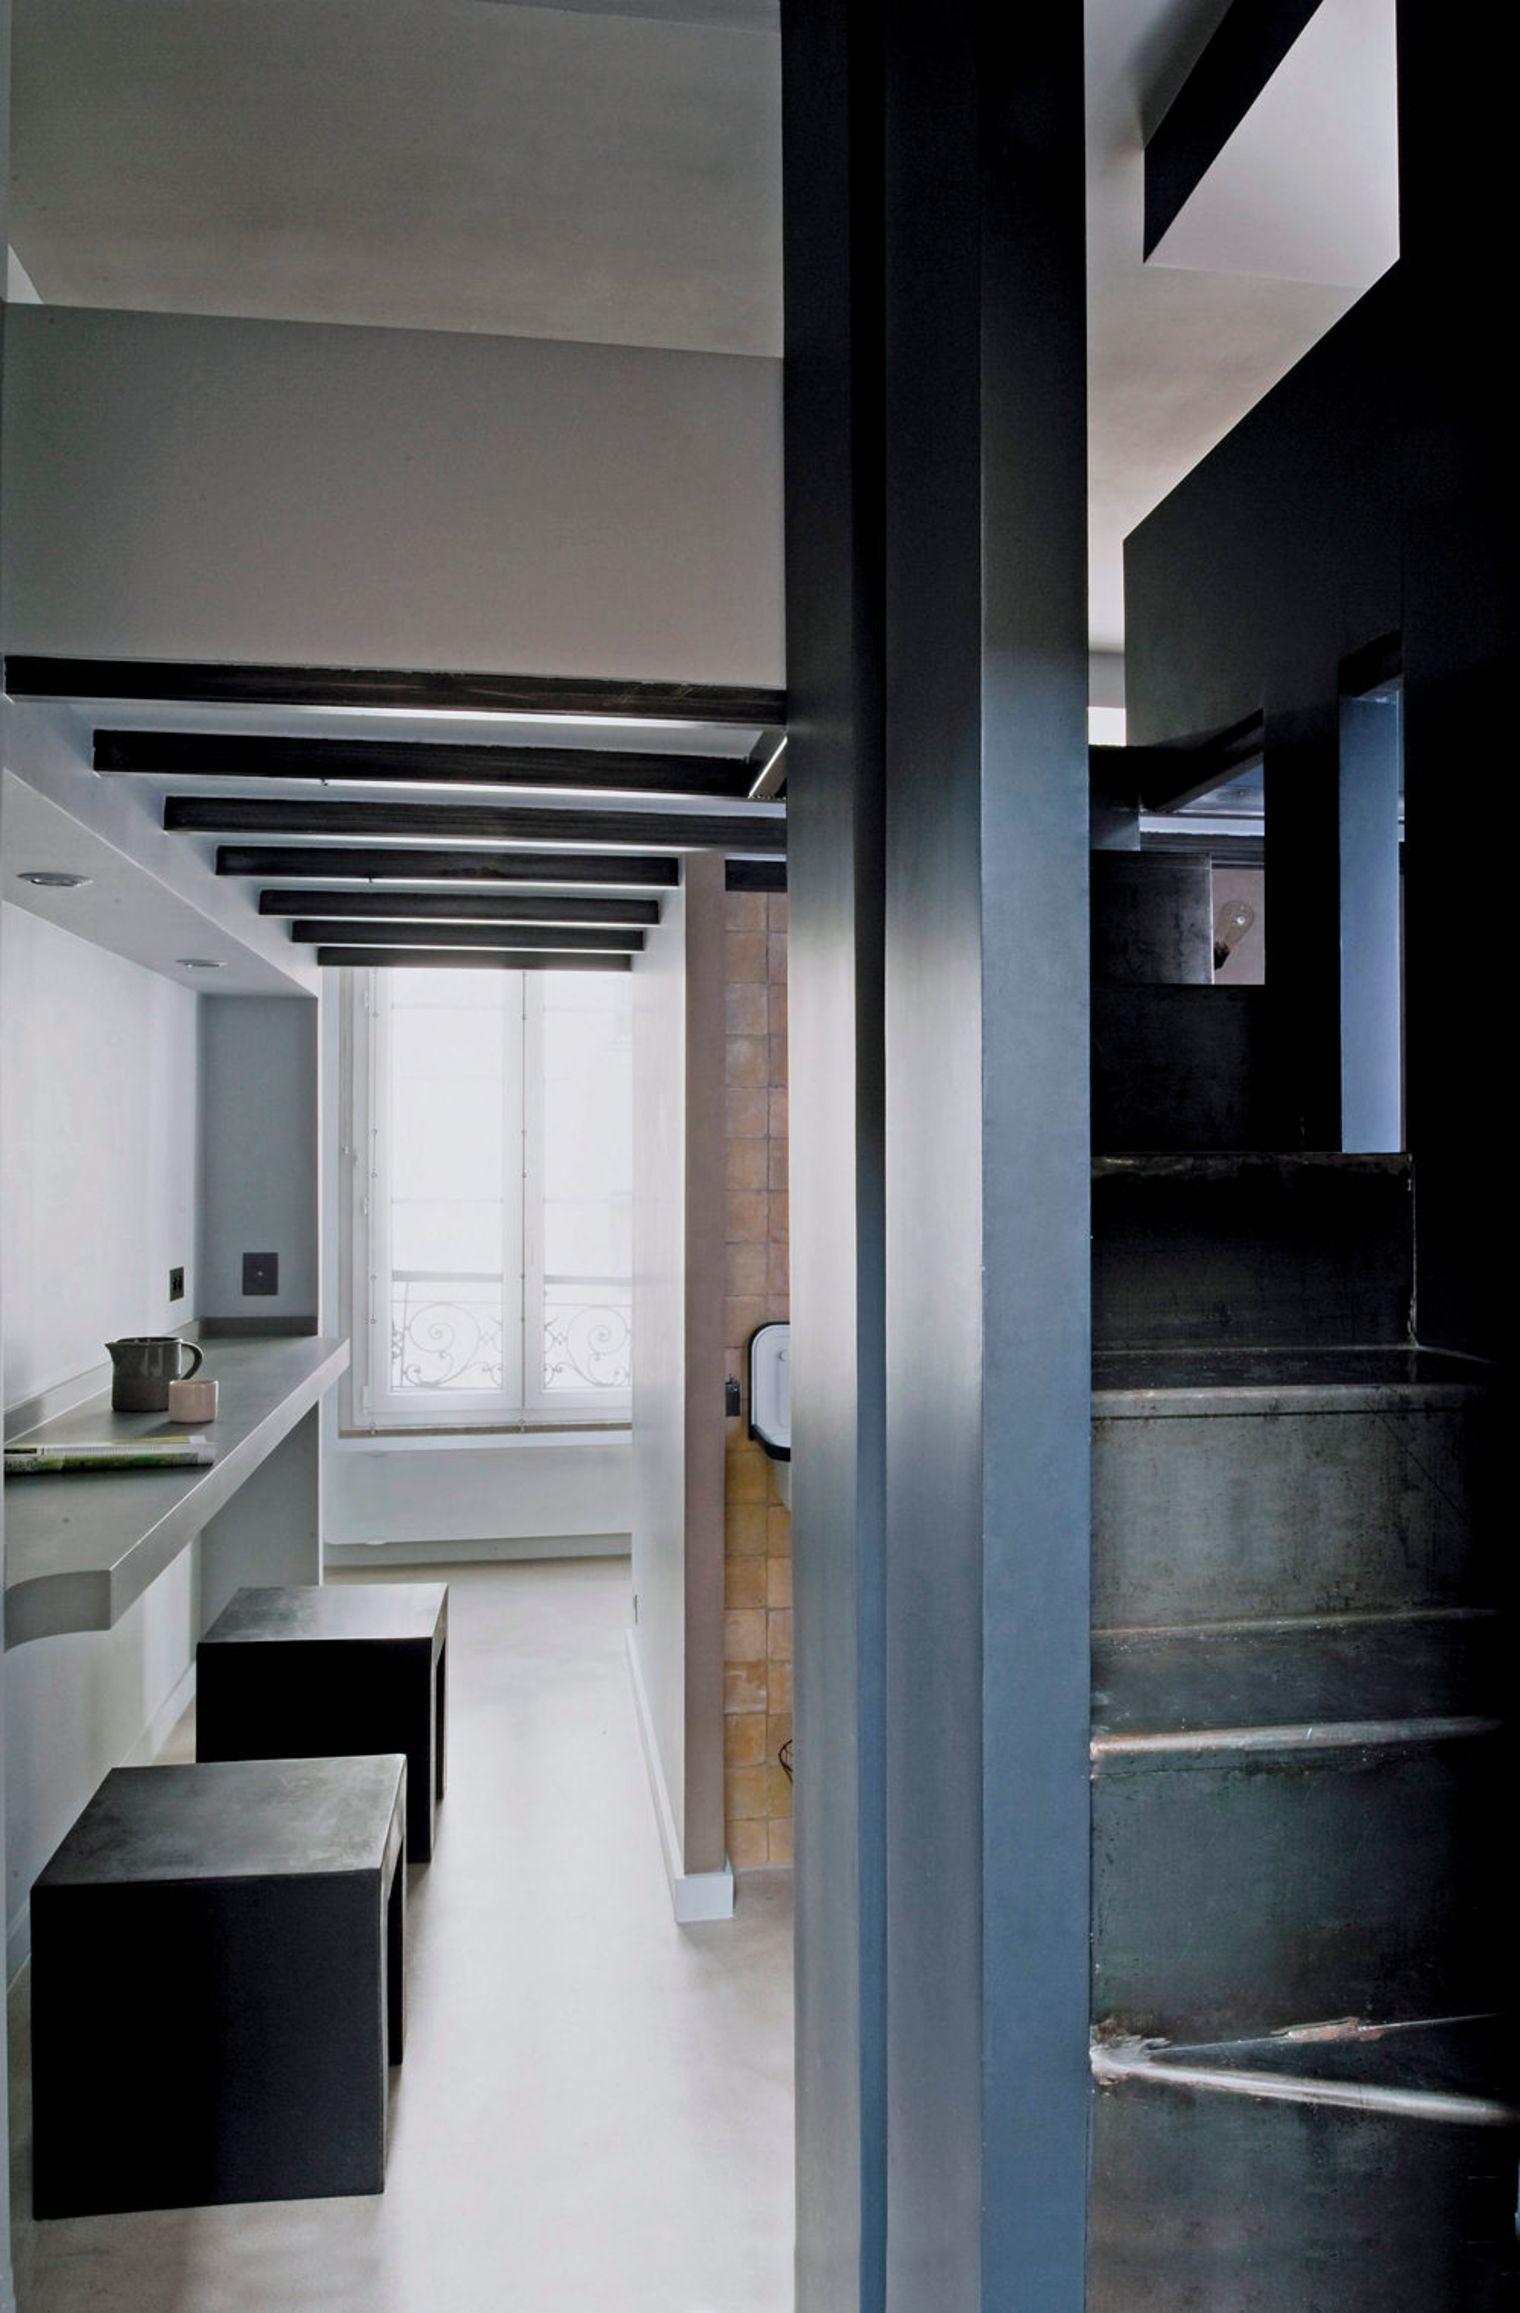 Дизайн маленькой кухни с обеденной зоной в коридоре